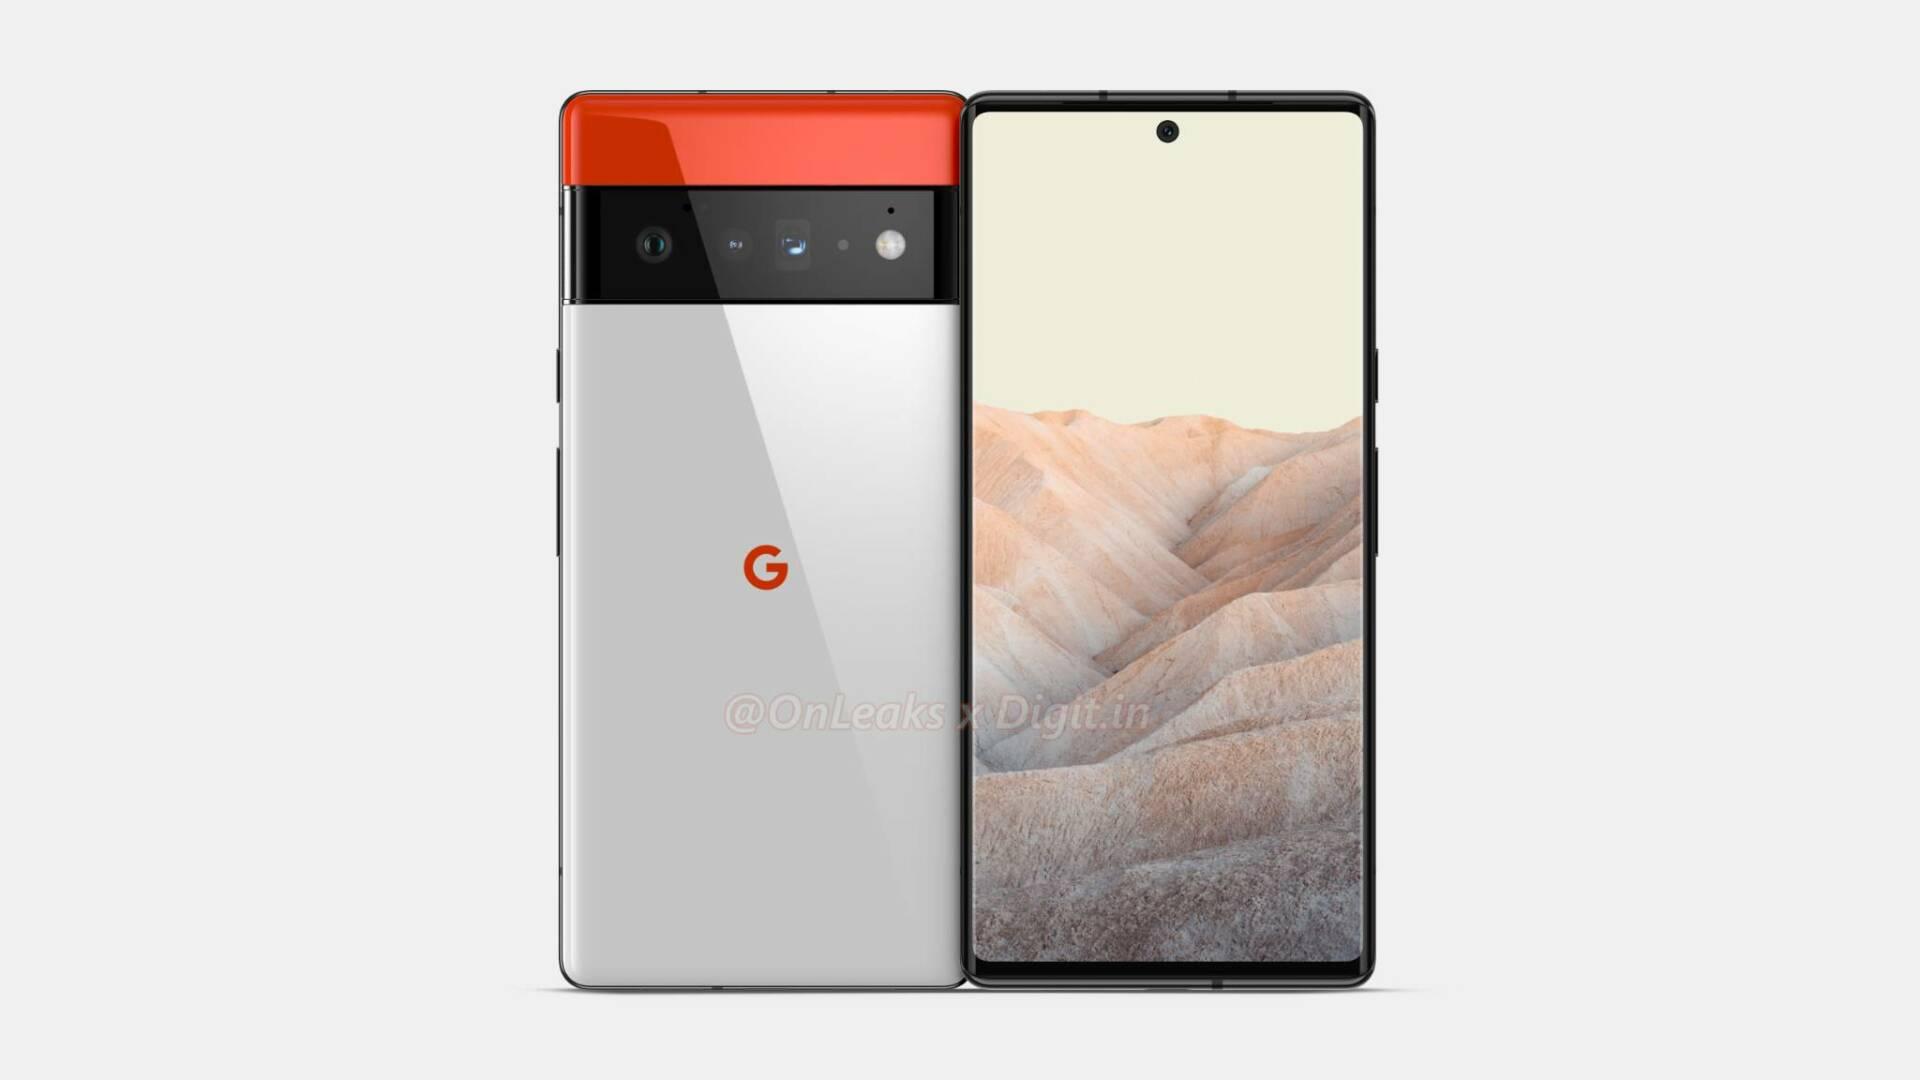 Google Pixel 6 Pro OnLeaks